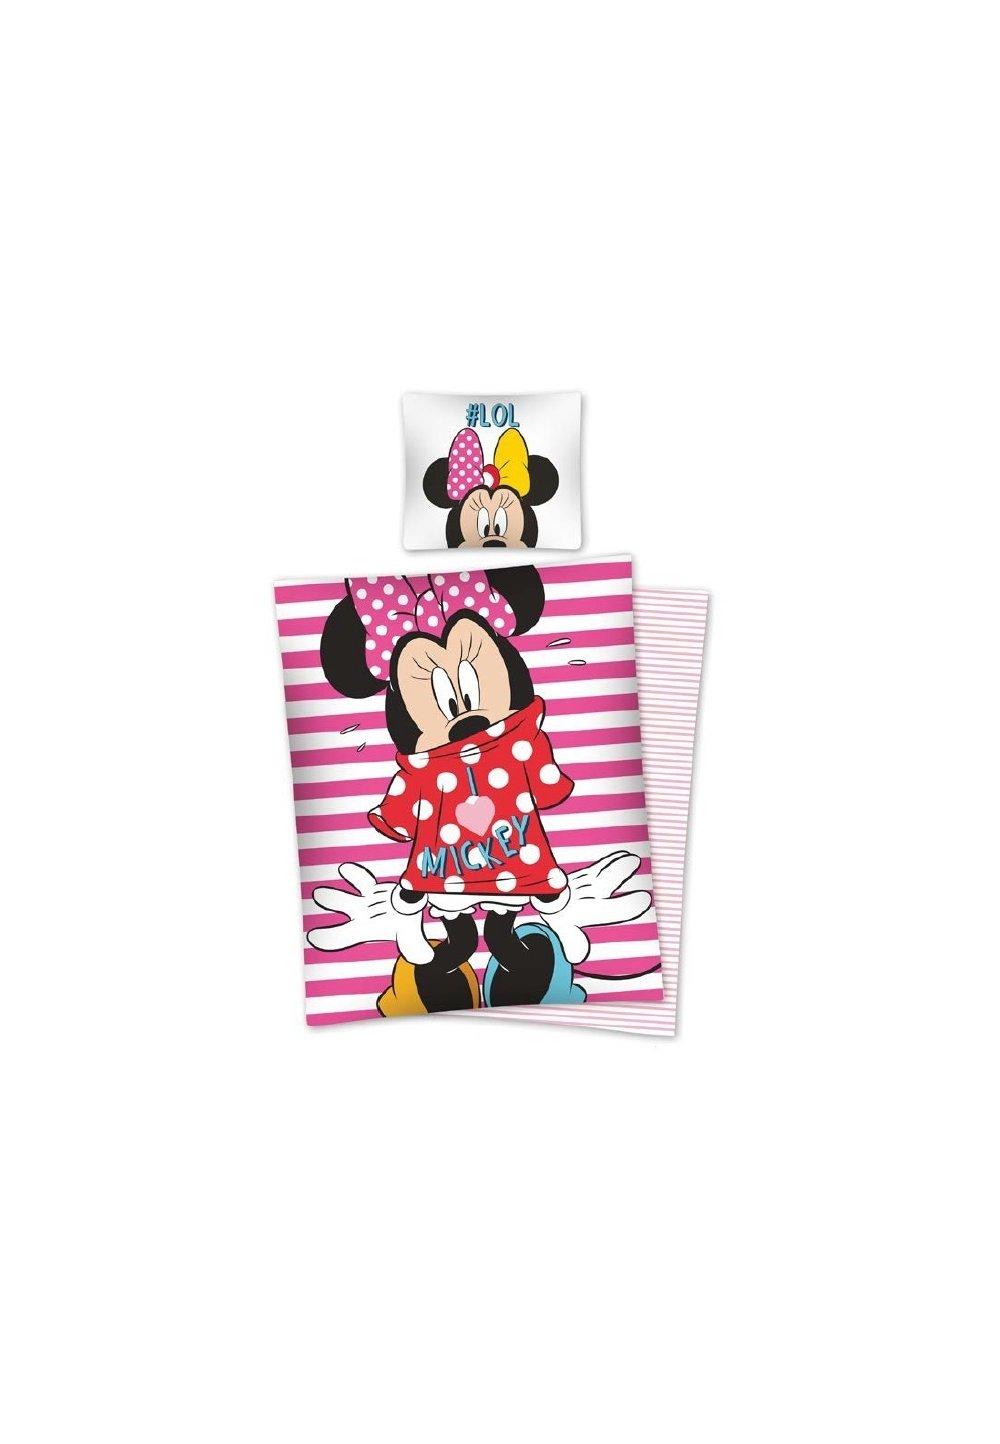 Lenjerie de pat cu dungi roz, Minnie Mouse, Lol, 140x200 cm imagine